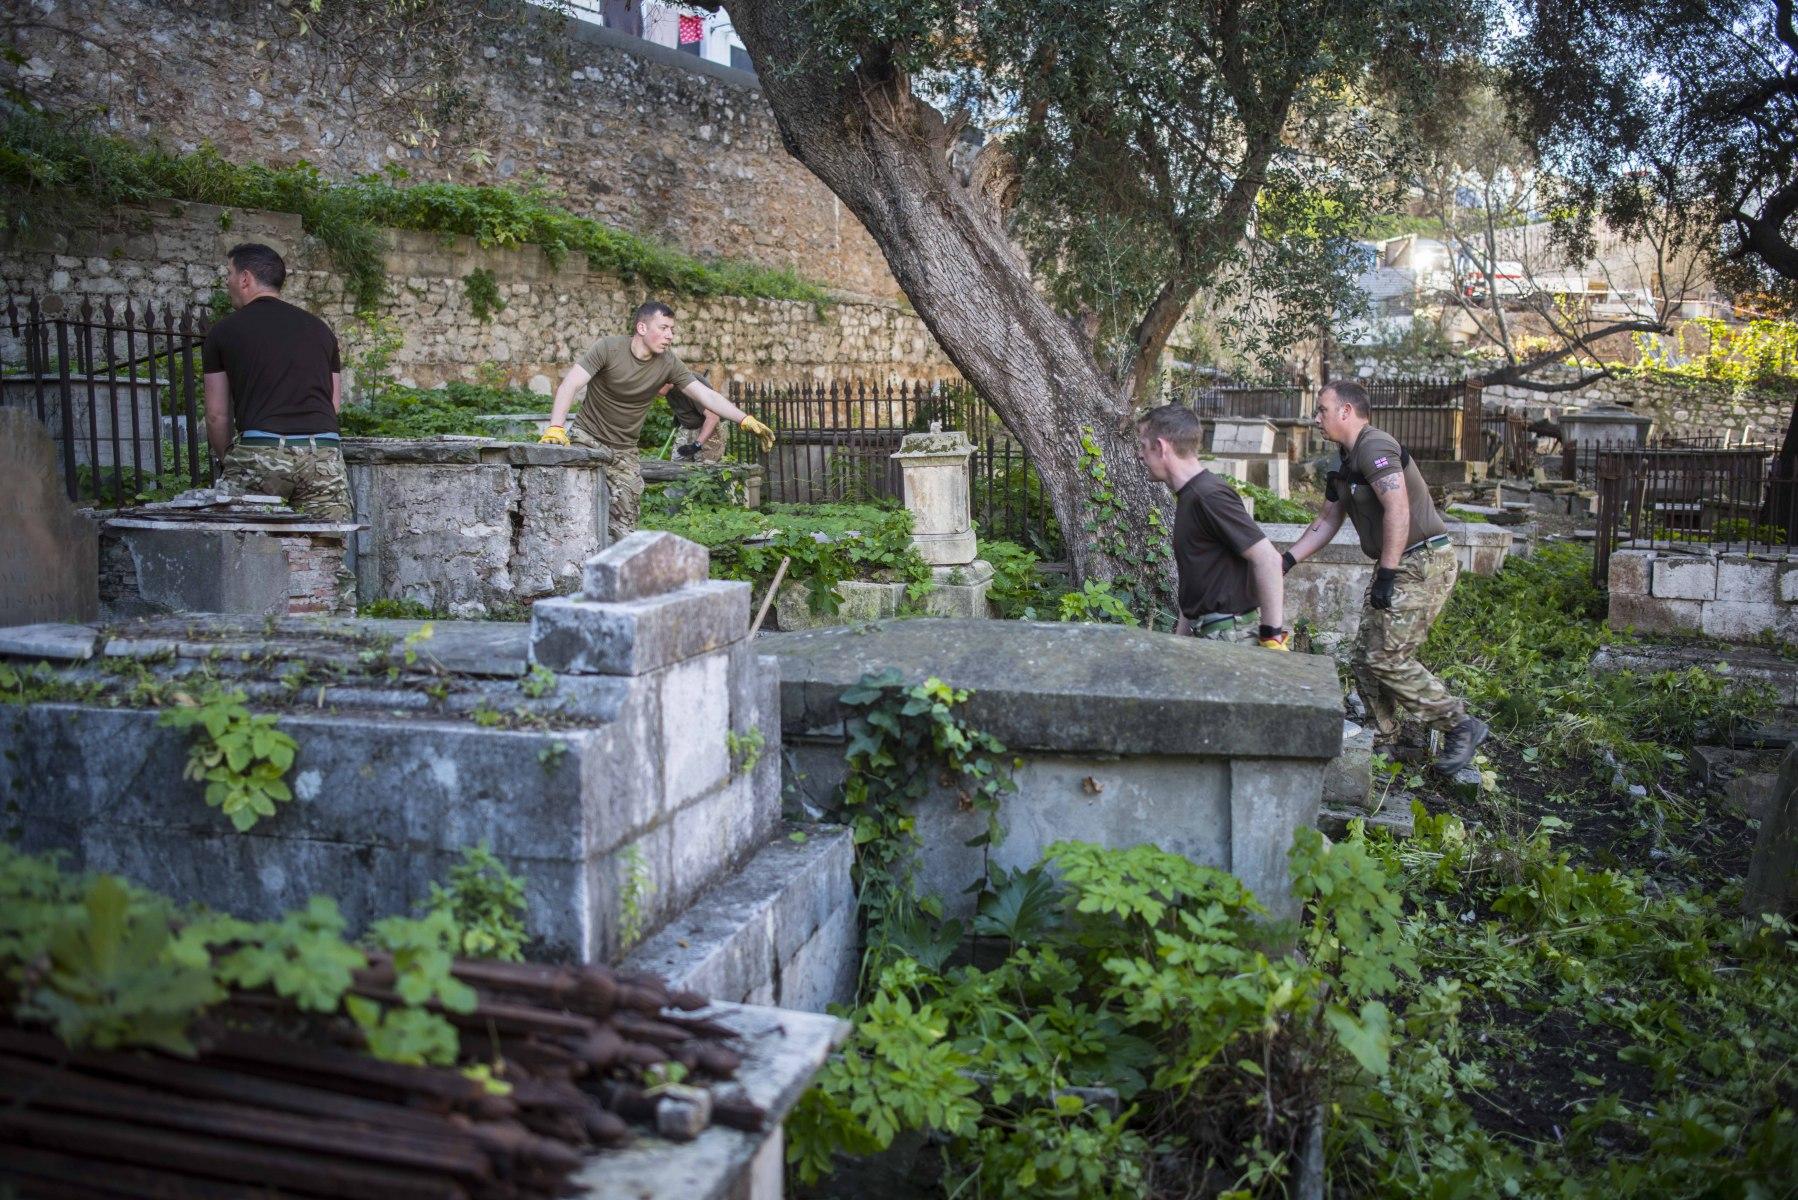 restauracin-cementerio-witham-9_24847004894_o